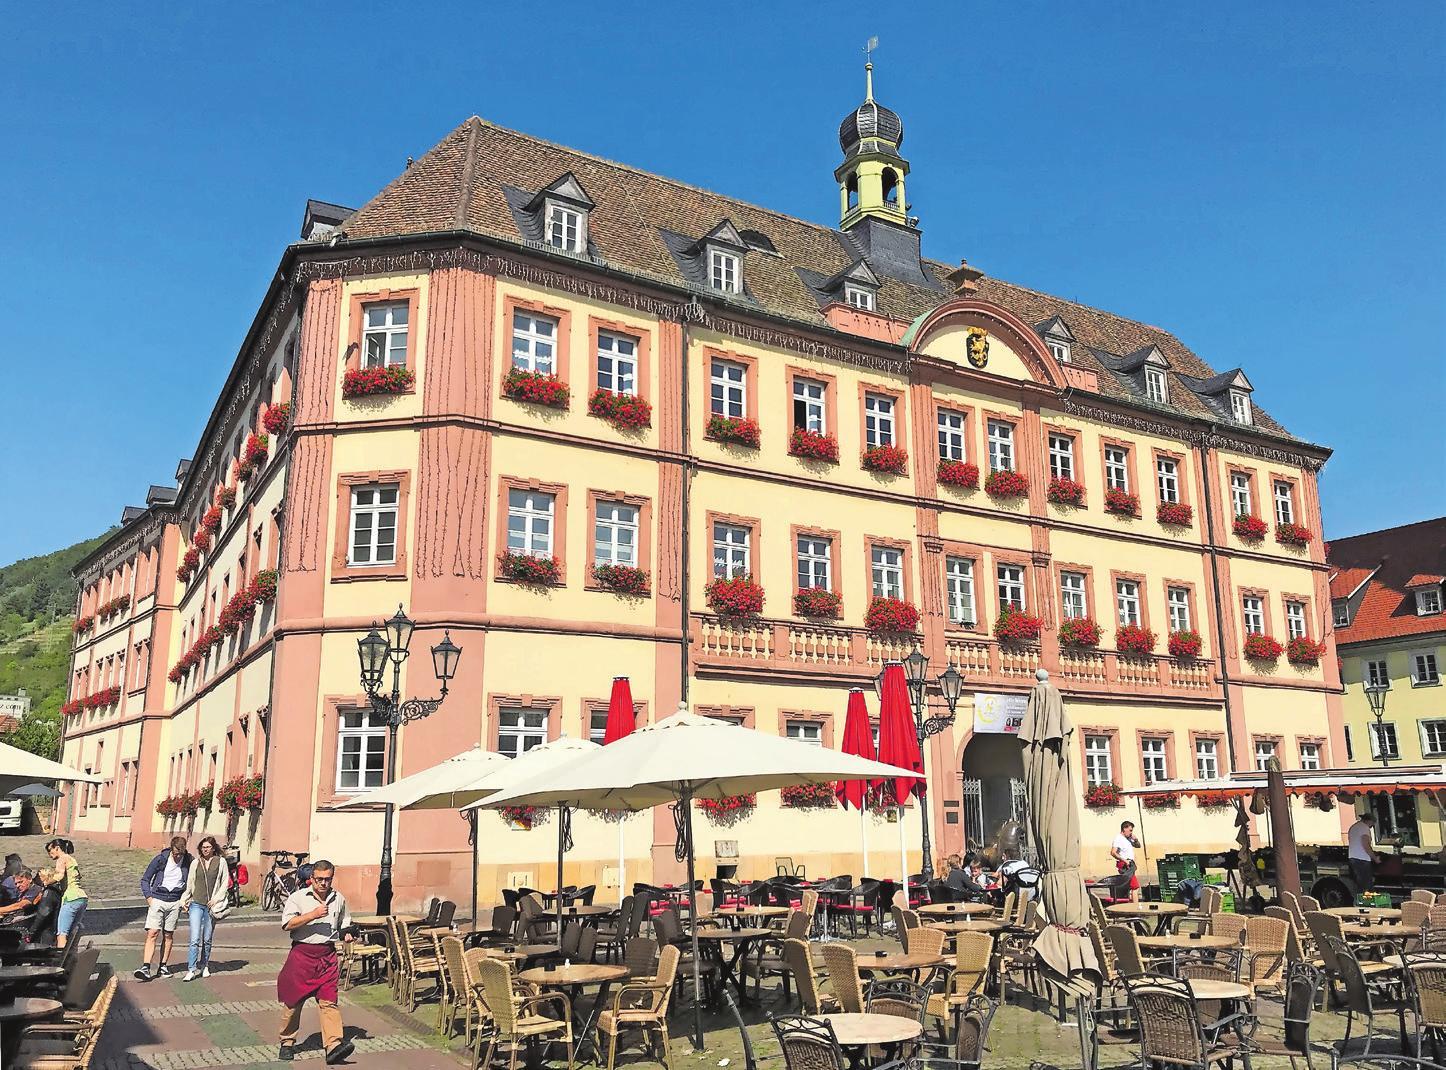 Schaltzentrale der kreisfreien Stadt Neustadt: das Rathaus am Marktplatz. Foto: ffg